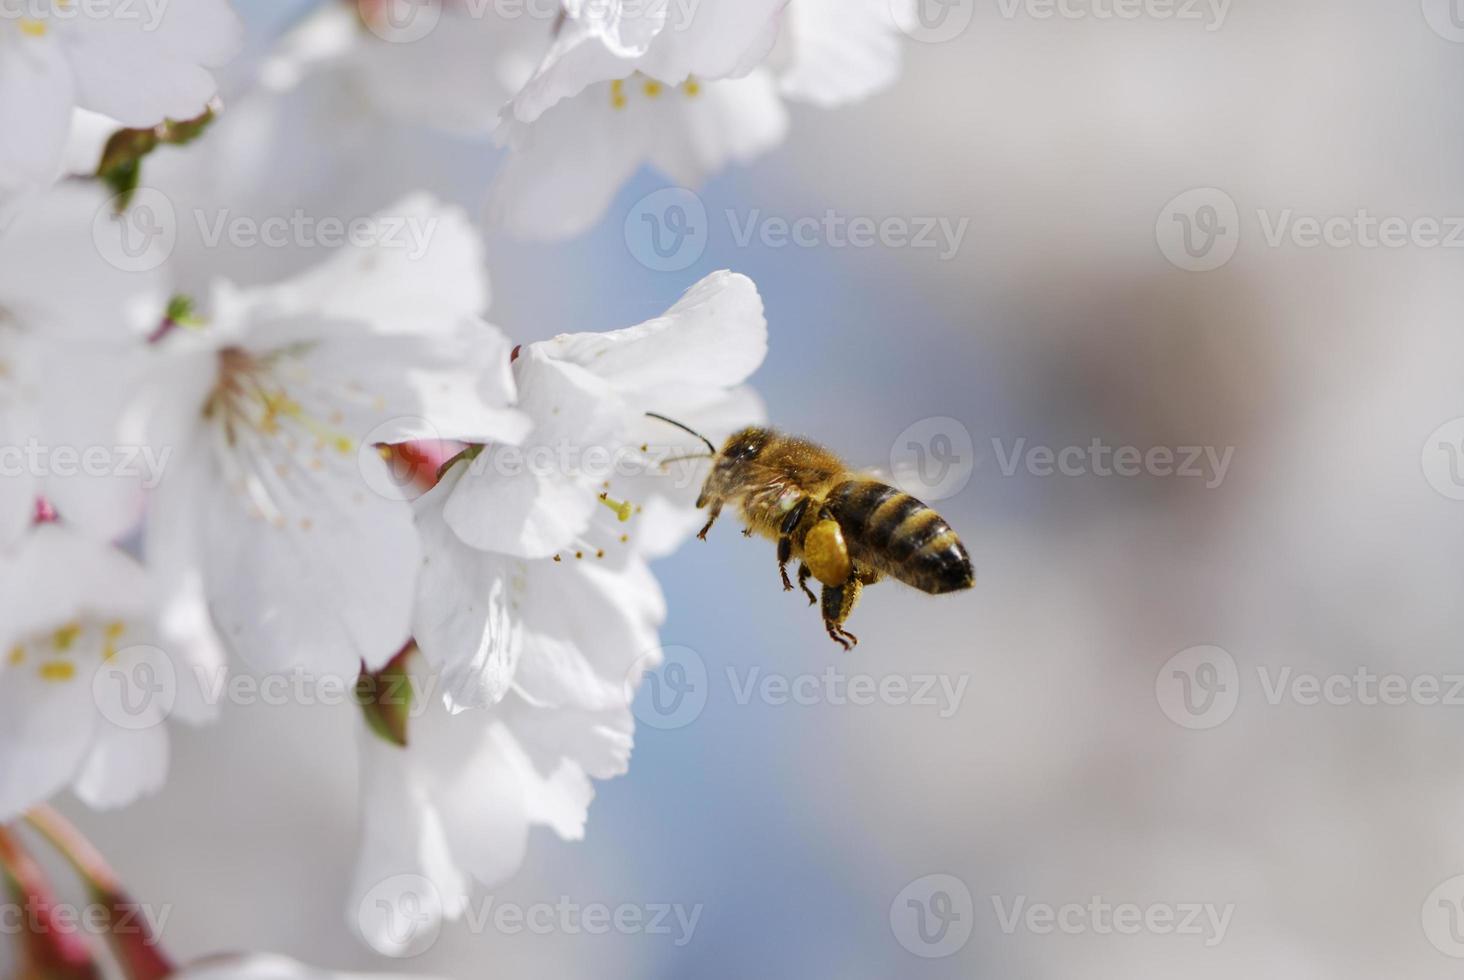 honungbi flyger mot vita blommor foto